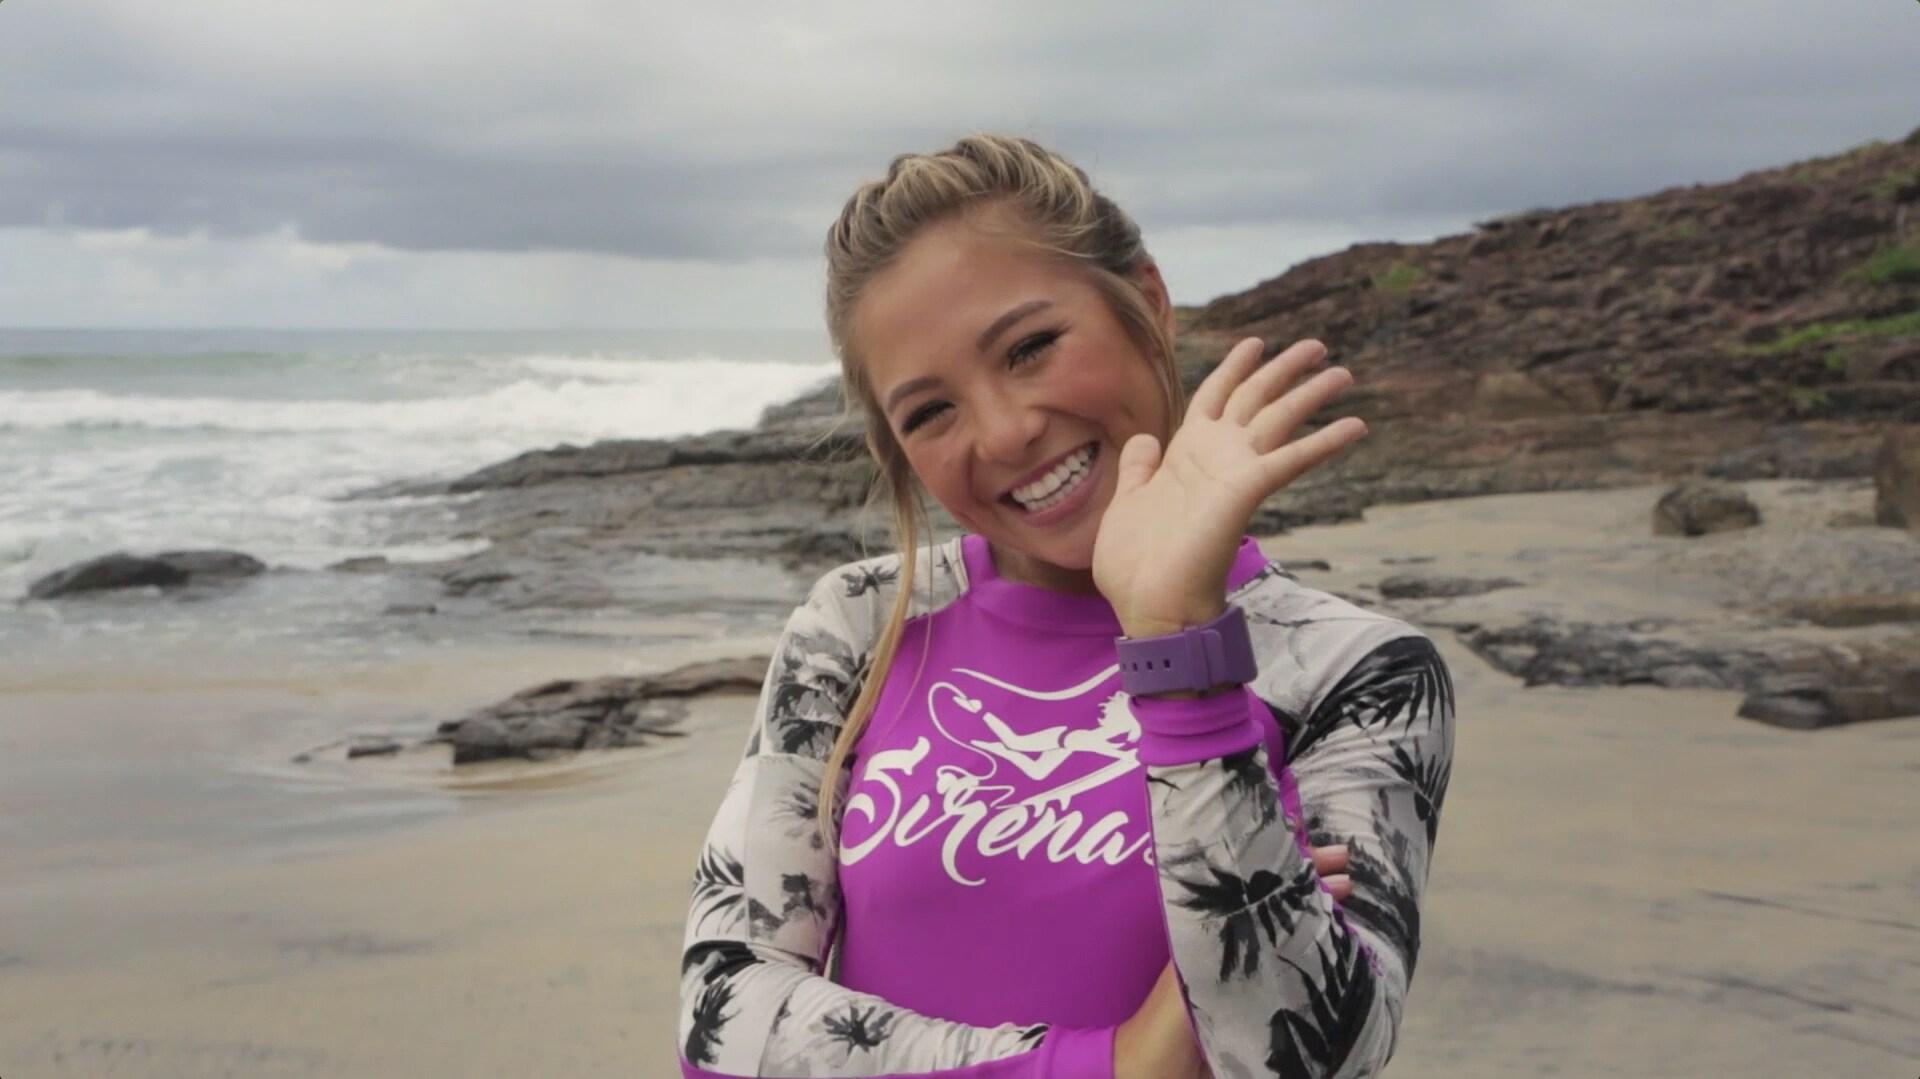 Consejos de surf con Larissa Murai - Juacas